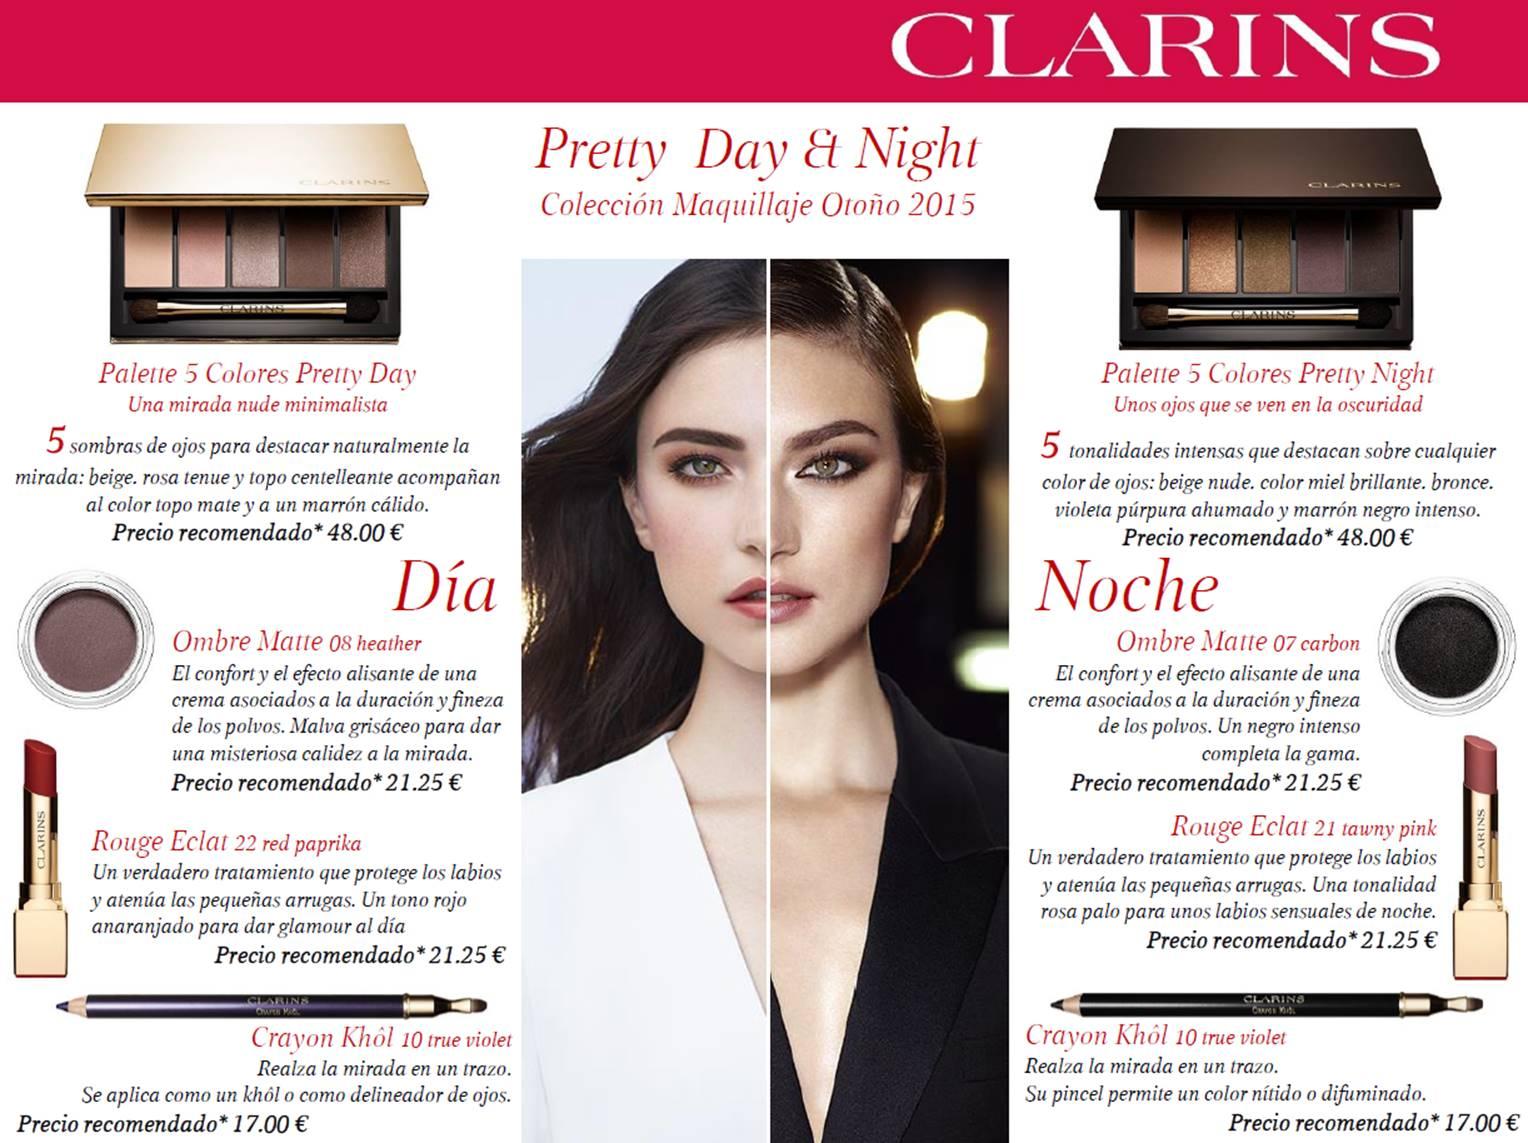 669b31b0f3 Me lo dijo Fani: Colección Maquillaje Clarins Otoño 2015: Pretty Day ...